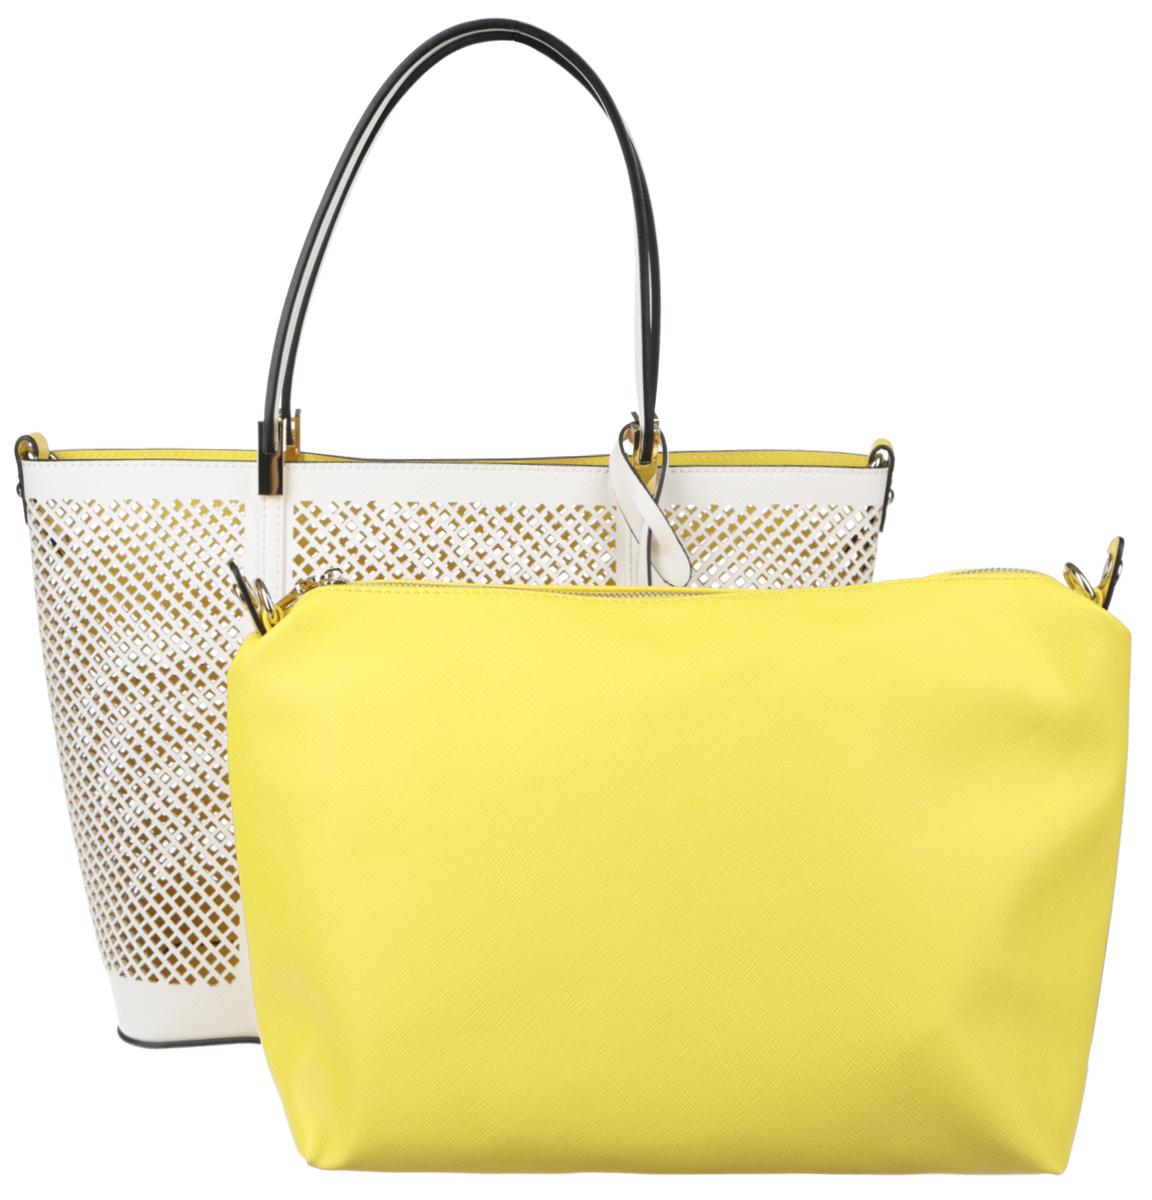 Сумка женская Vitacci, цвет: белый. GLM0239D-5GLM0239D-5Изысканная женская сумка Vitacci выполнена из качественной искусственной кожи с перфорацией. Удобные ручки крепятся к корпусу сумки на металлическую фурнитуру золотистого цвета. Внутри сумка оснащена съемным отделением с текстильной подкладкой, выполненным из искусственной кожи желтого цвета, внутри которого содержится два накладных кармана для телефона и мелких принадлежностей, а также врезной карман на молнии. Съемное отделение крепиться к основной сумке с помощью ремешков на кнопке, имеет металлические крепежи для плечевого ремешка, поэтому его можно использовать как отдельный аксессуар. Сумка оснащена съемным плечевым ремнем регулируемой длины, которые позволят носить изделие как в руках так и на плече. Ручки сумки декорированы оригинальным брелоком на ремешке. Практичная и стильная сумка прекрасно завершит ваш образ.